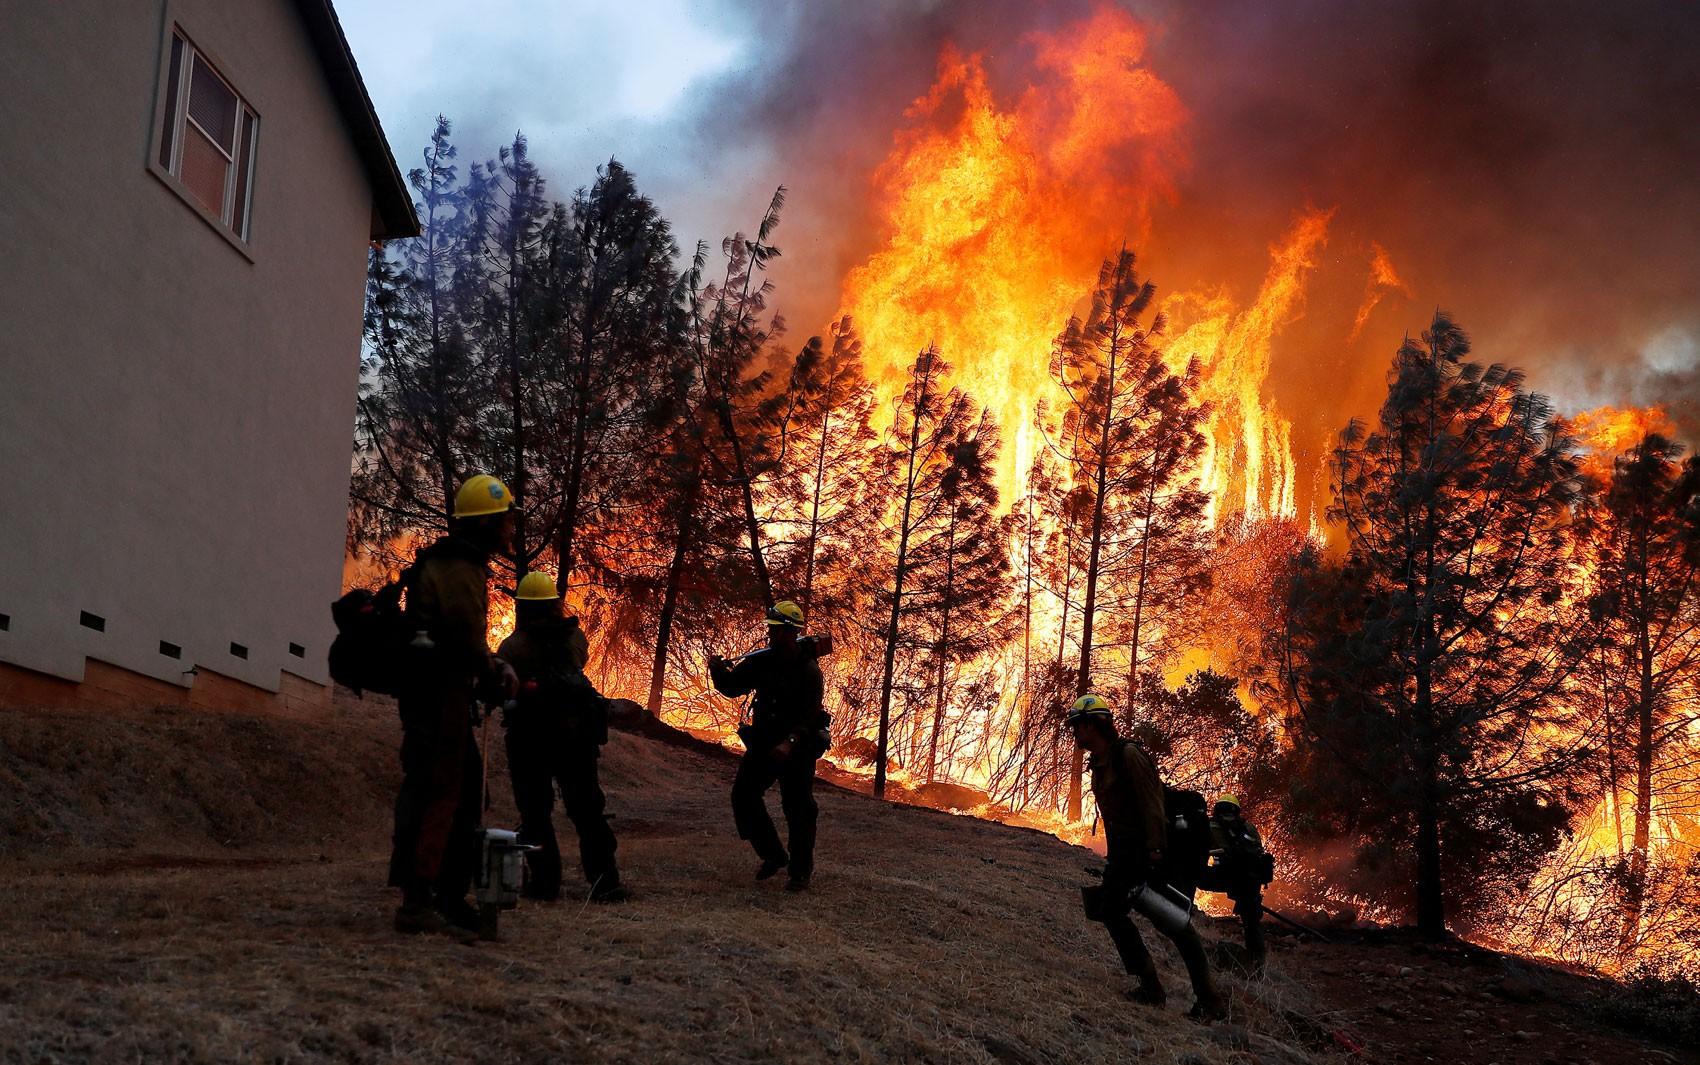 É possível prever e evitar incêndios florestais?